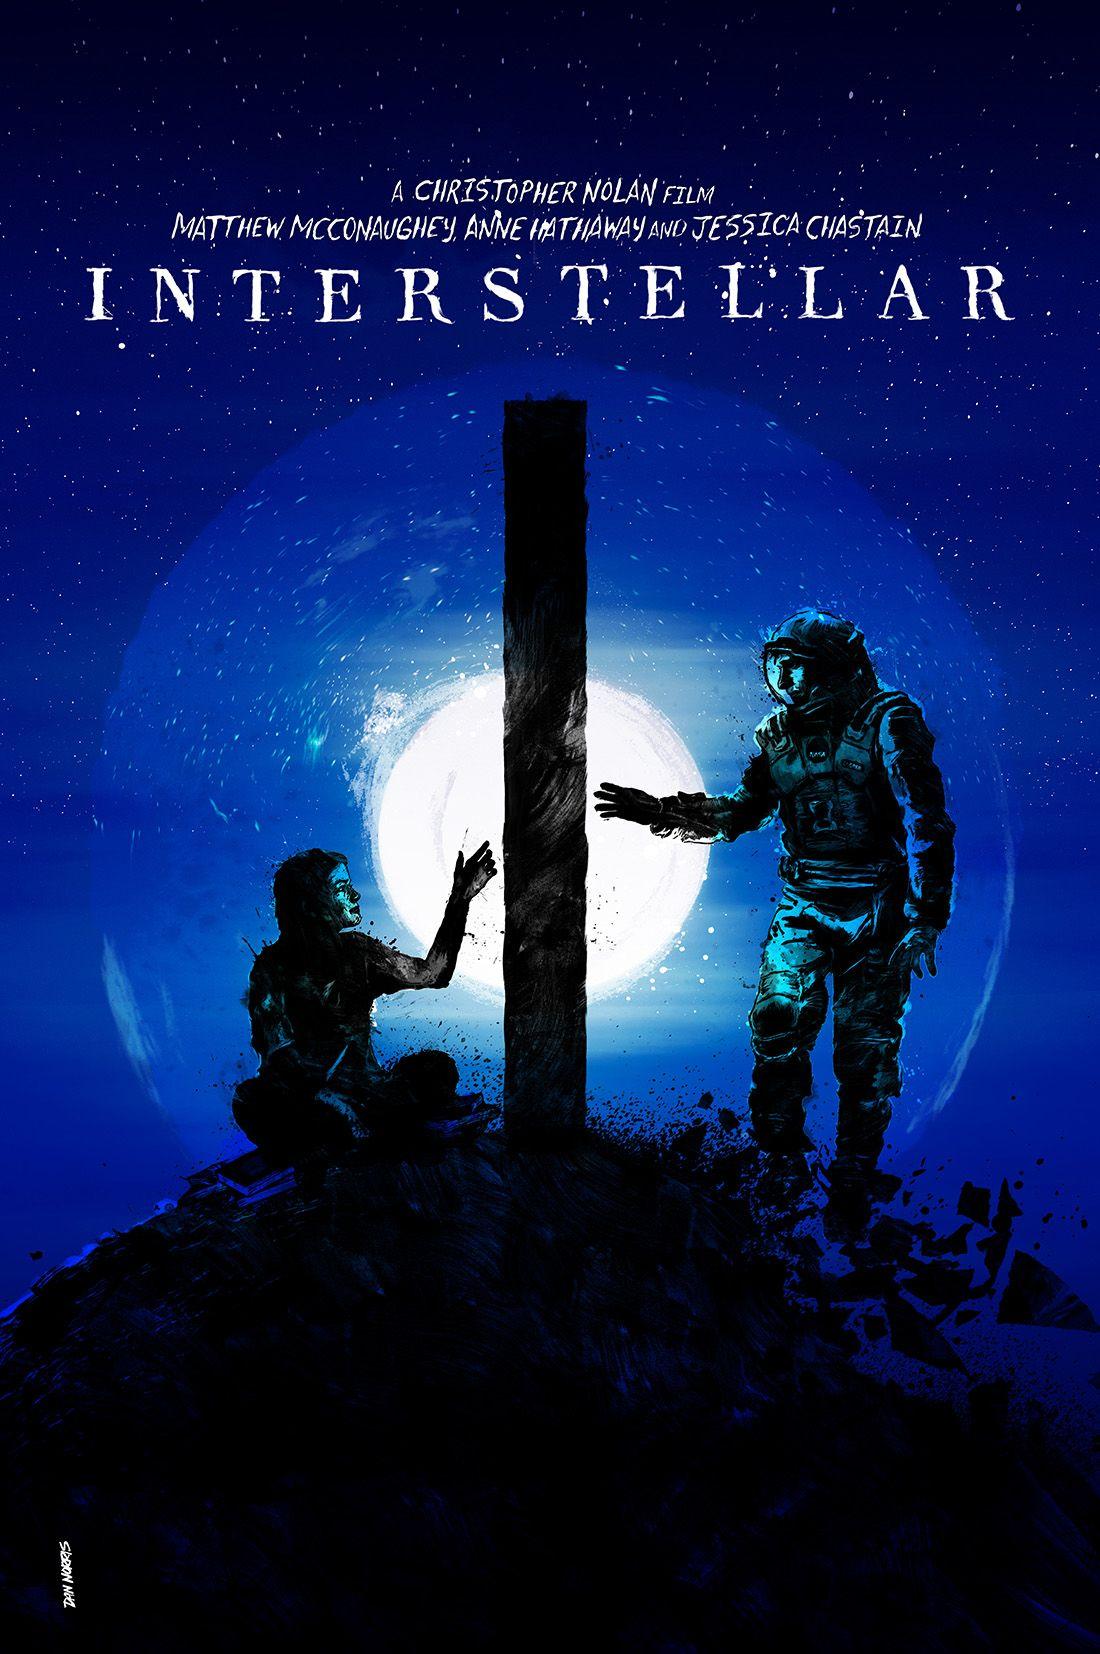 Interstellar 2014 alternative movie poster by daniel